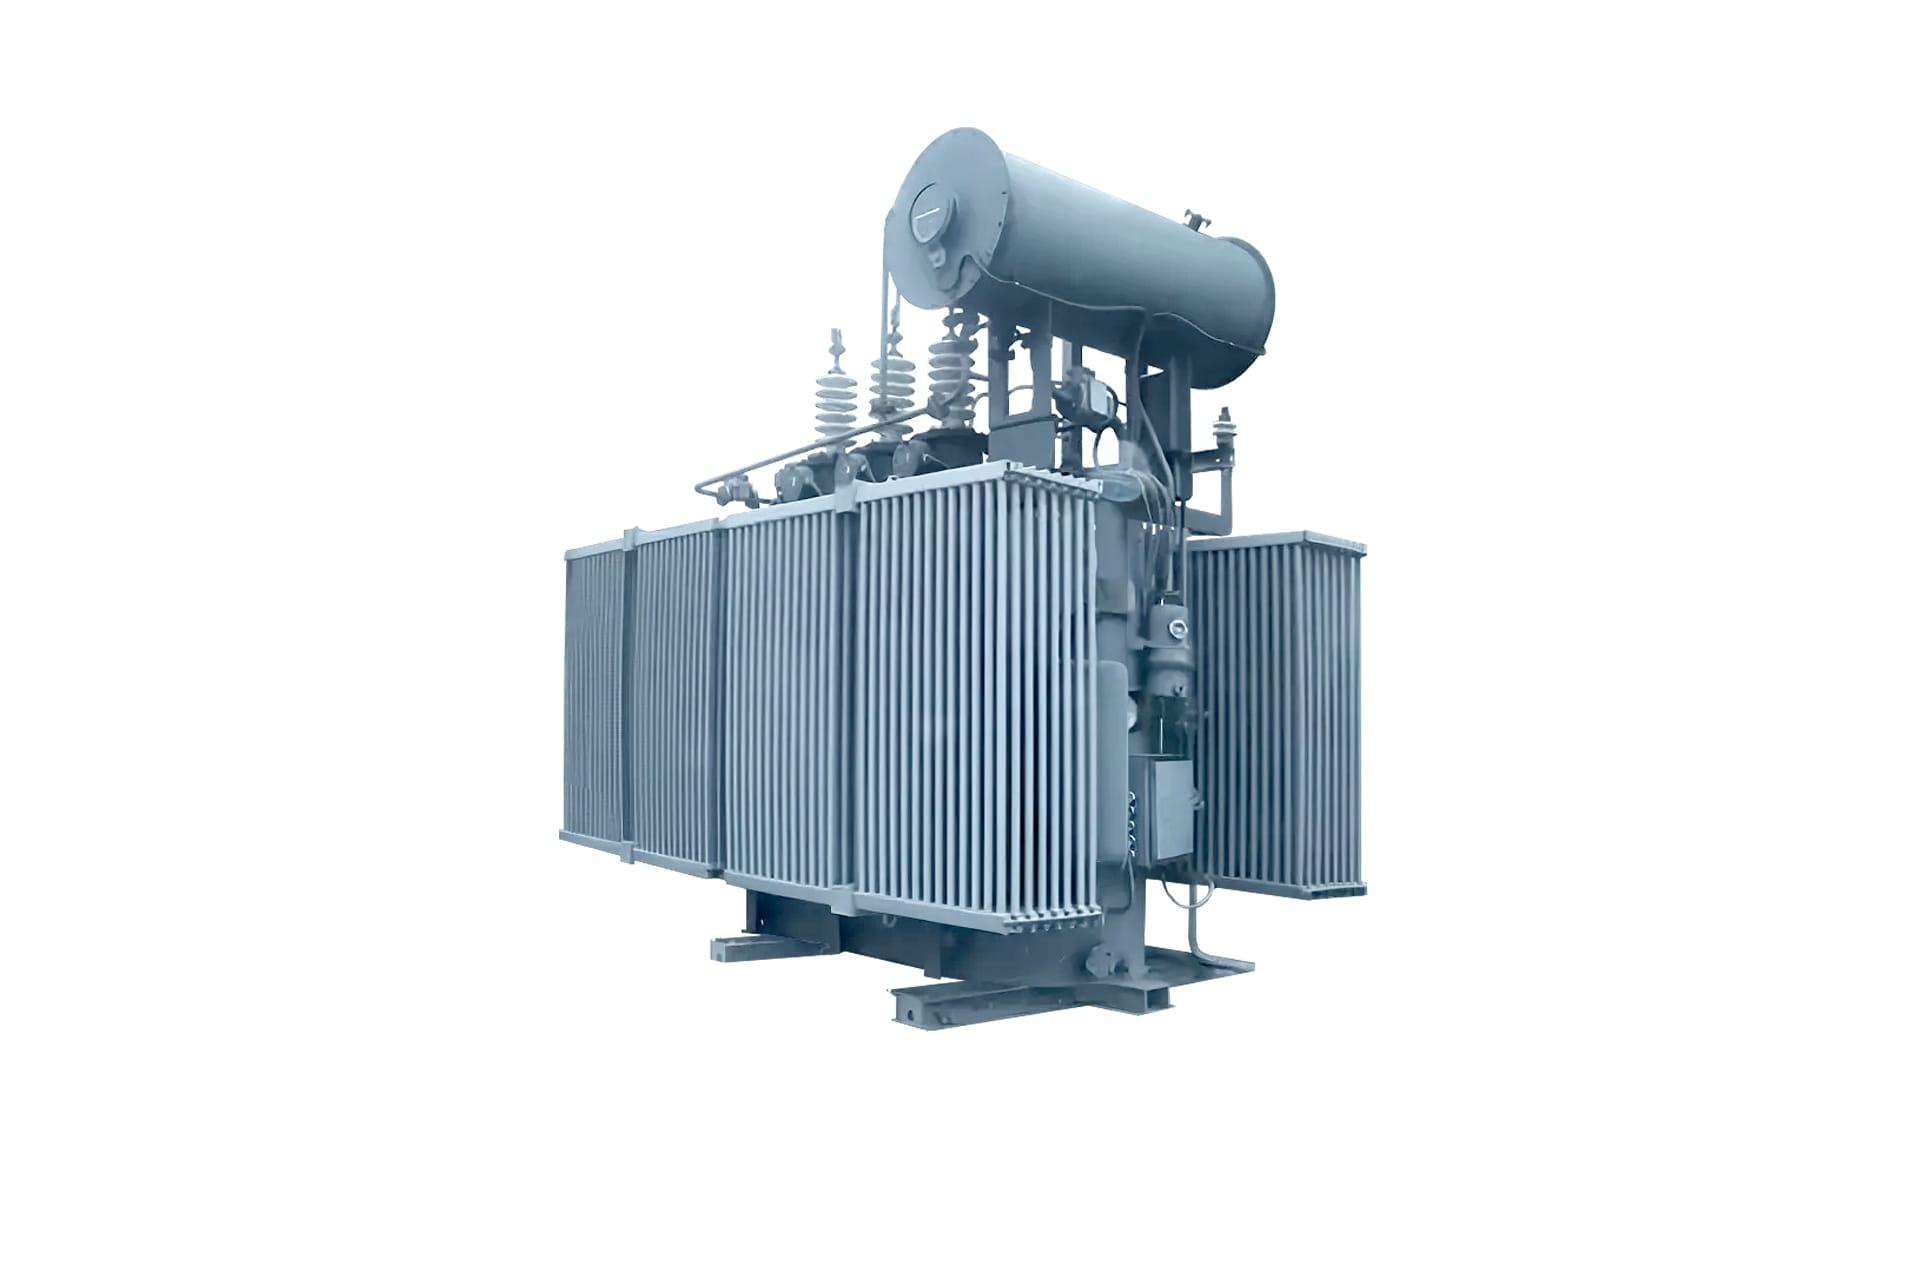 Ensons - Общий вид масляного трансформатора типов ТМП, ТДП, ТД, ТДС 35 кВ